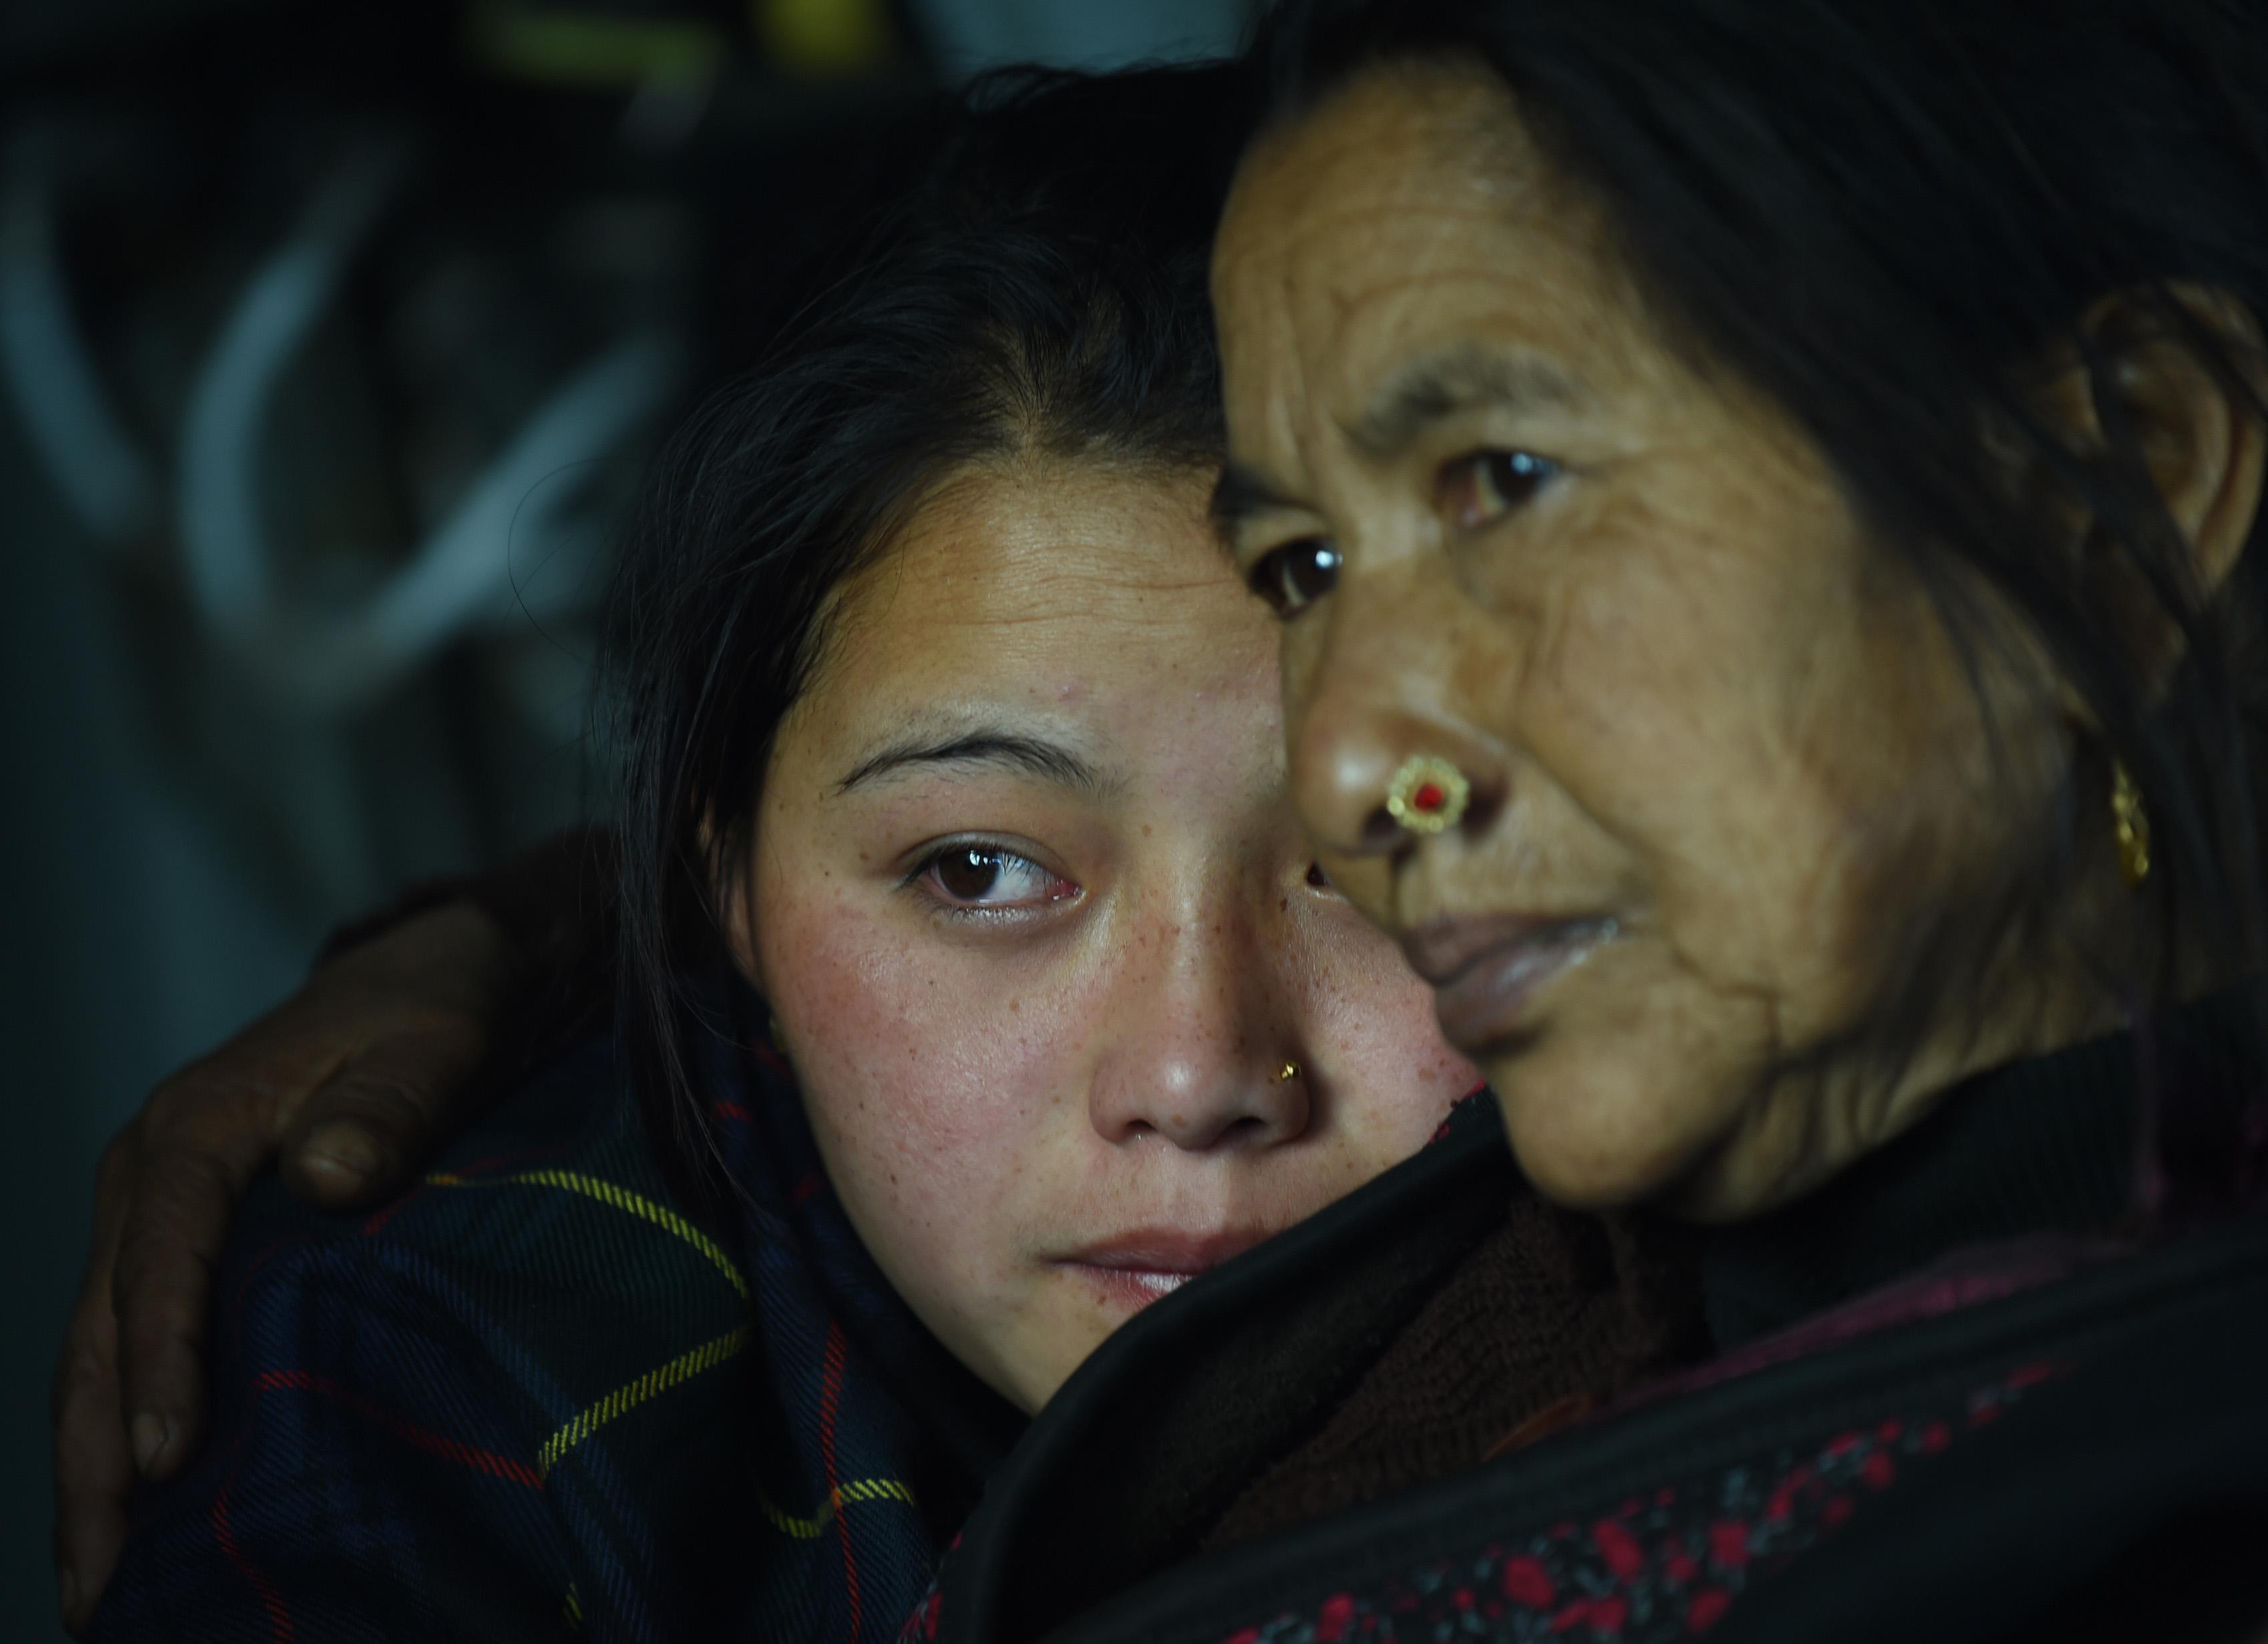 nepál-fr-3 (nepál, földrengés, nepáli földrengés, természeti katasztrófa, tragédia, tudomány)